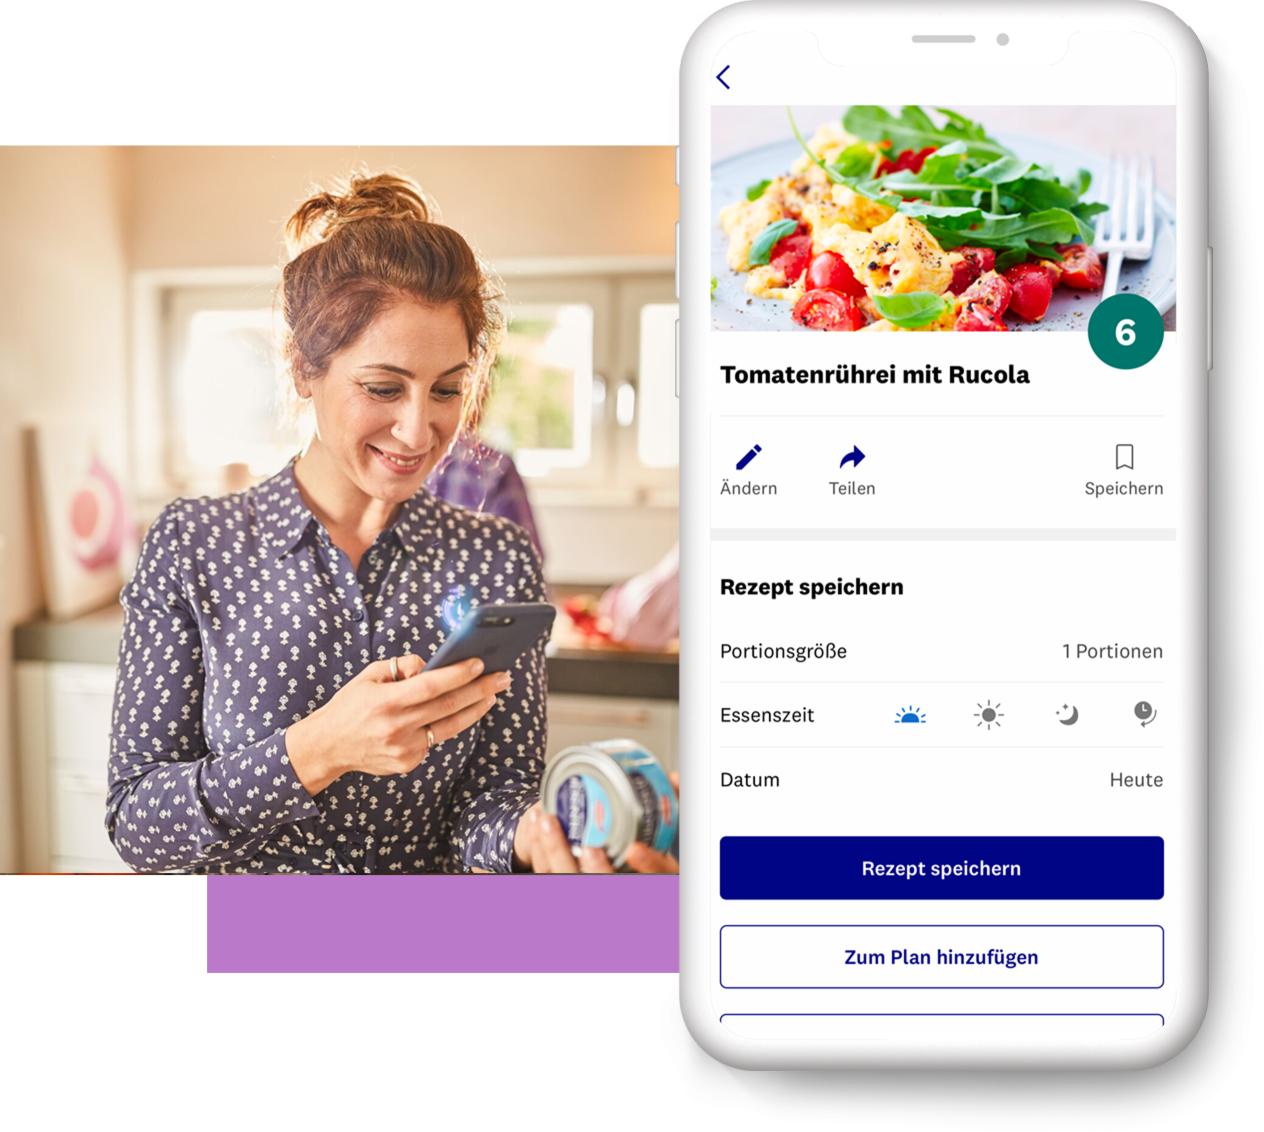 Frau hält Handy und scannt Lebensmittel mit WW Barcode-Scanner